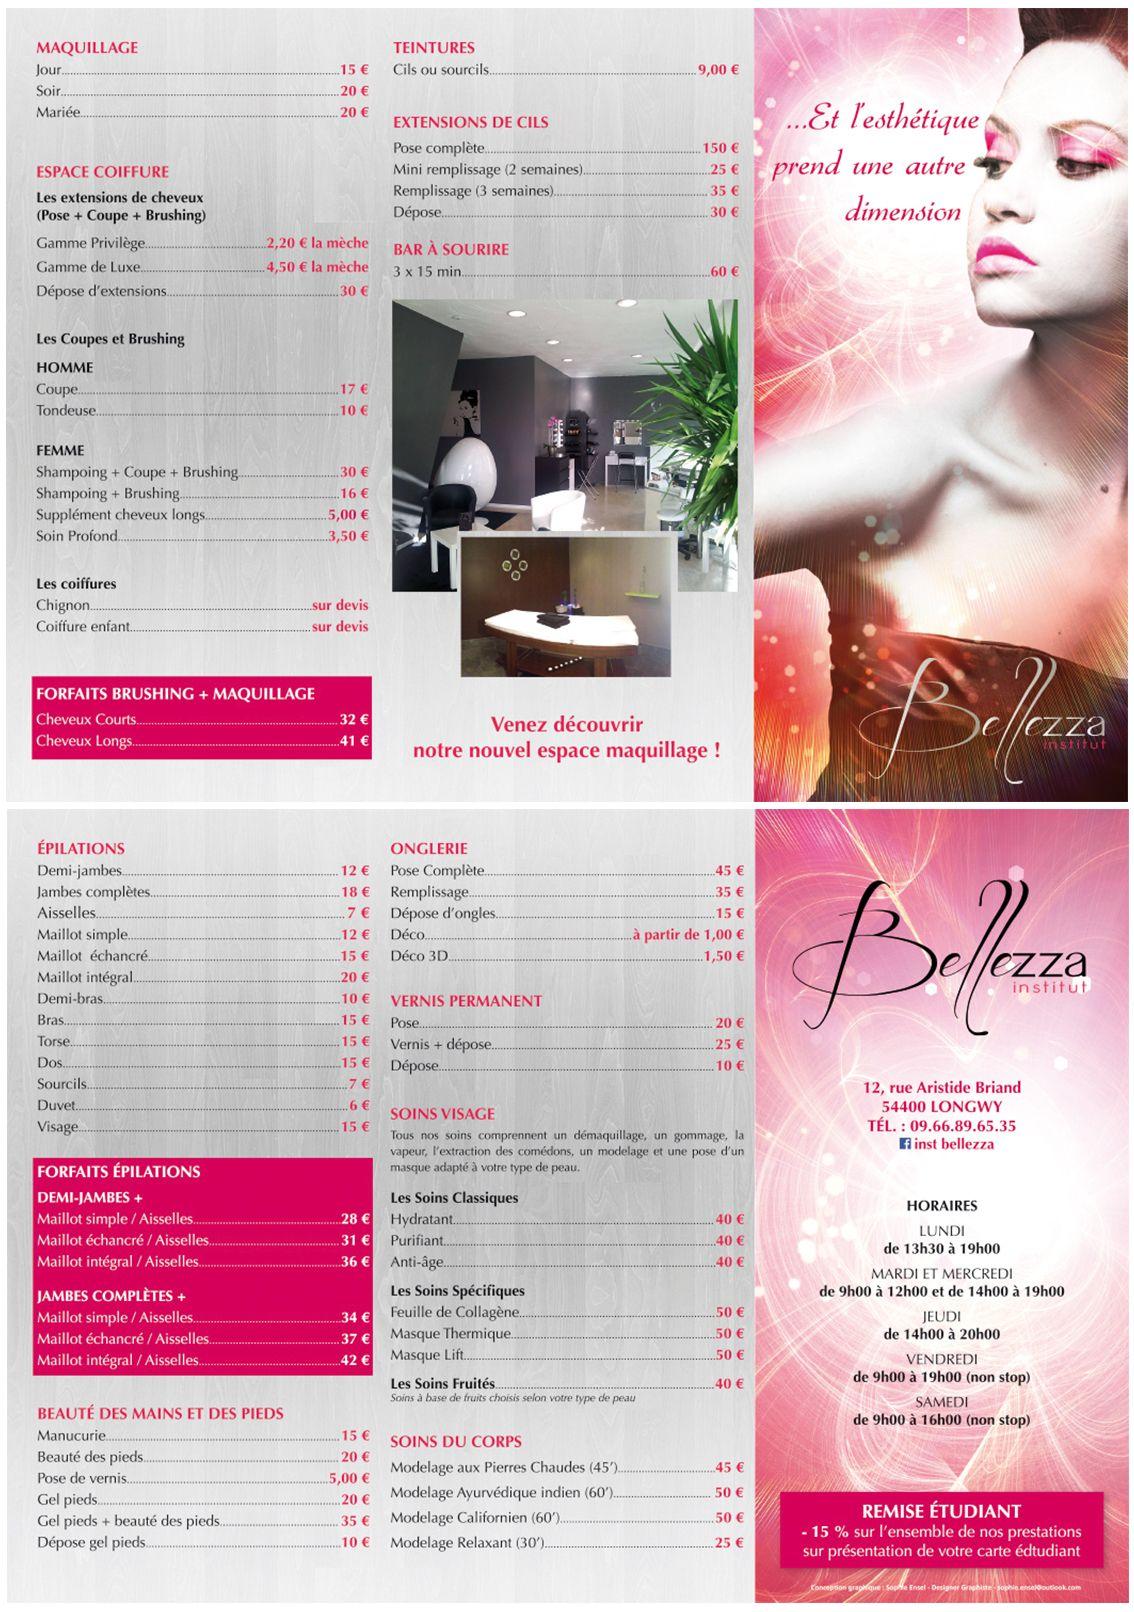 Institut Bellzza Institut De Beaute Depliant Tarifaire 2014 Institut De Beaute Salon De Beaute Brushing Homme